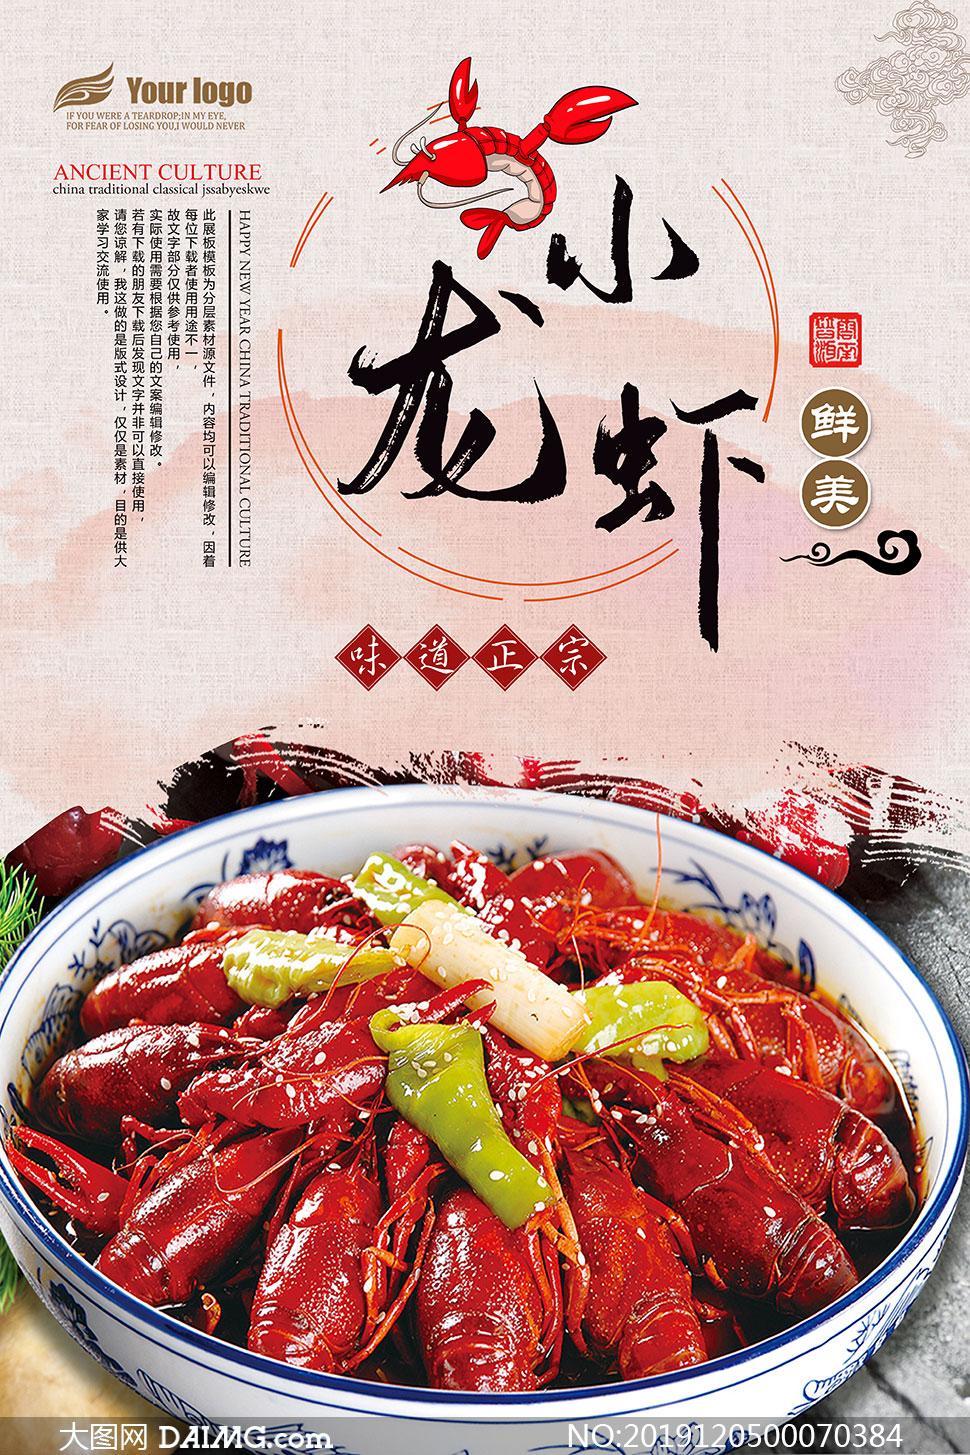 鲜美小龙虾美食宣传海报设计PSD素材